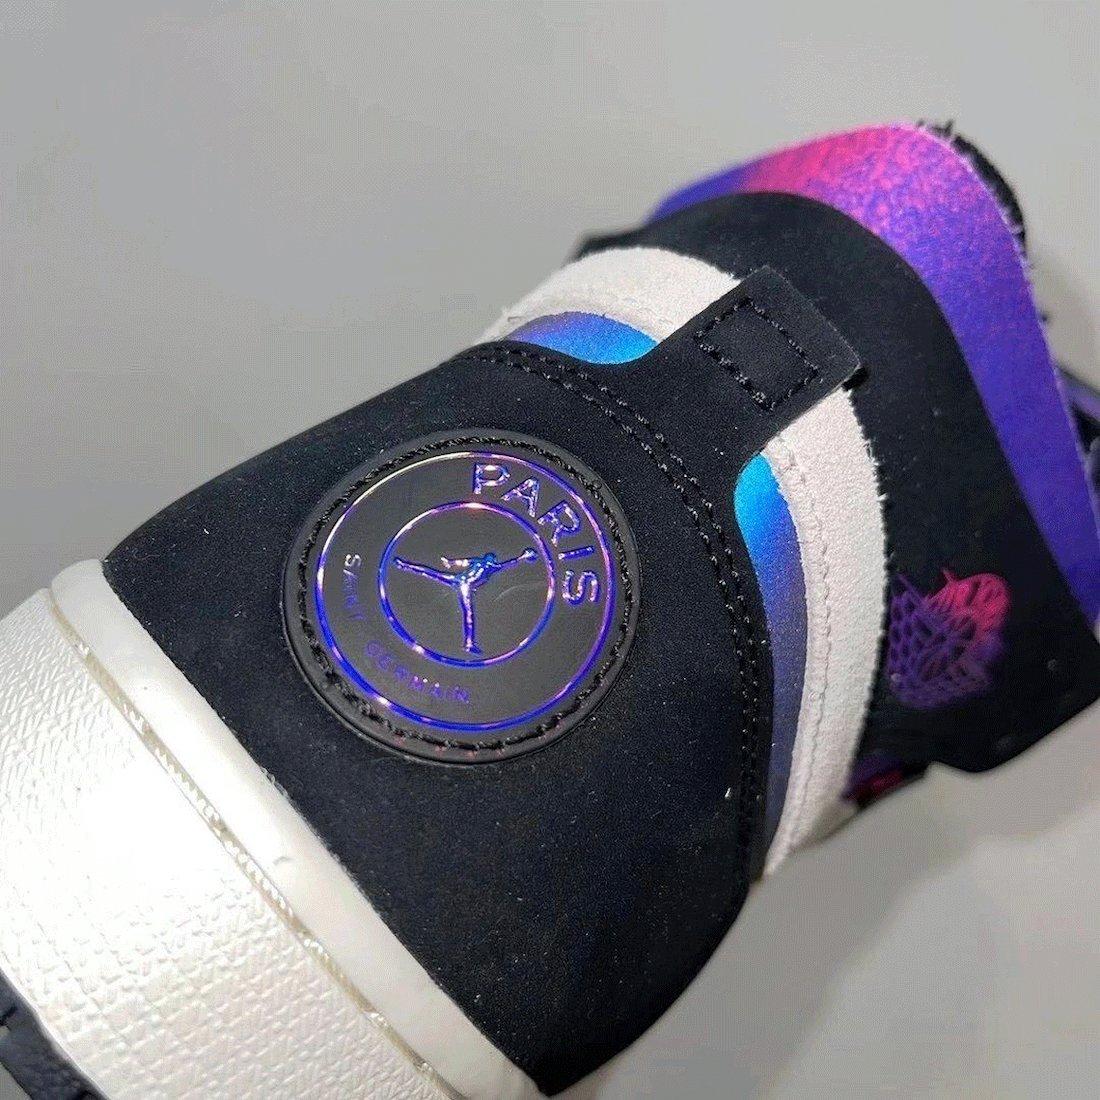 Air Jordan 1 High Zoom Comfort PSG Release Info